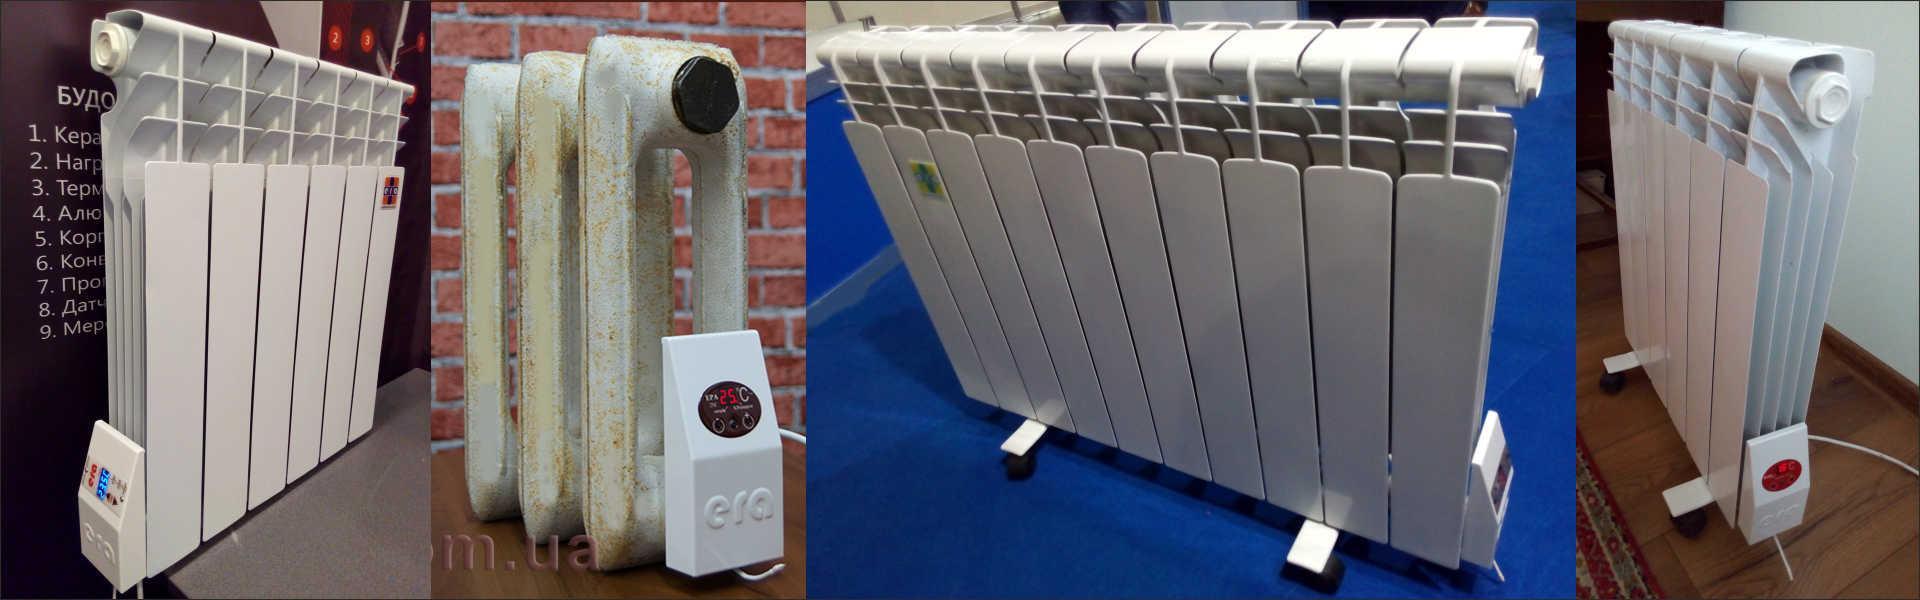 Радиаторы с программатором ЭРА+